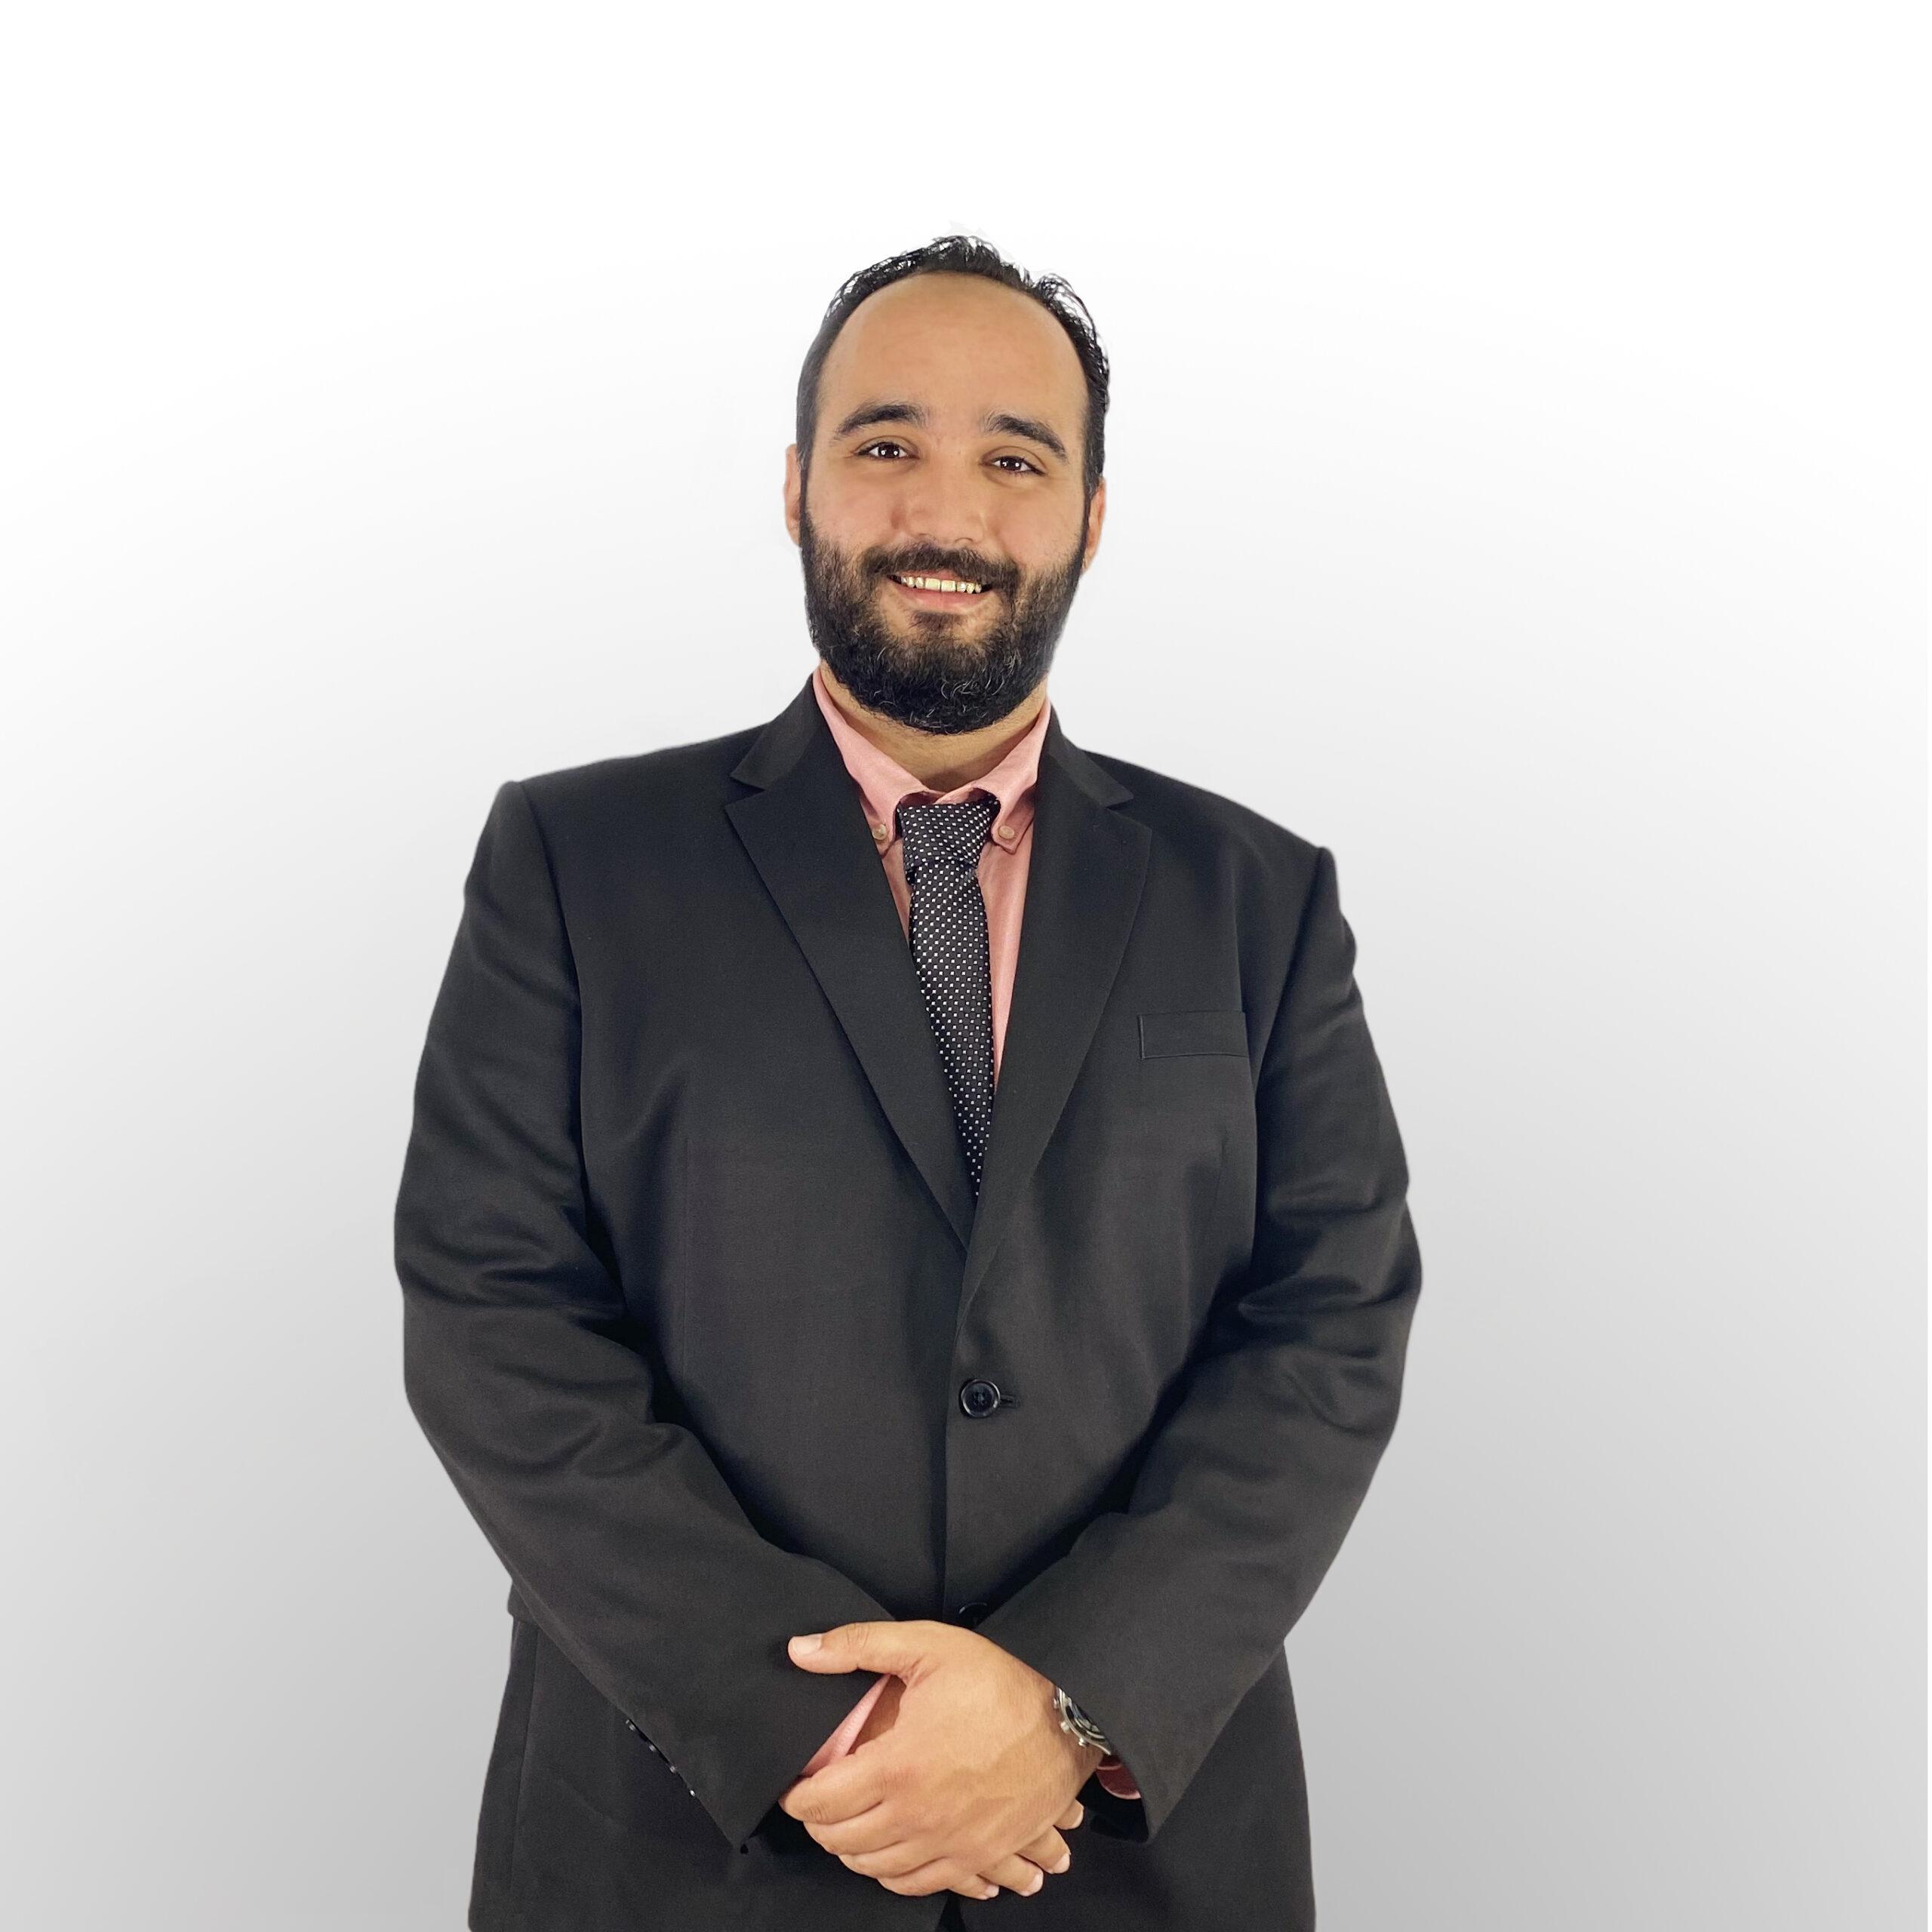 Abdullah Maatouq